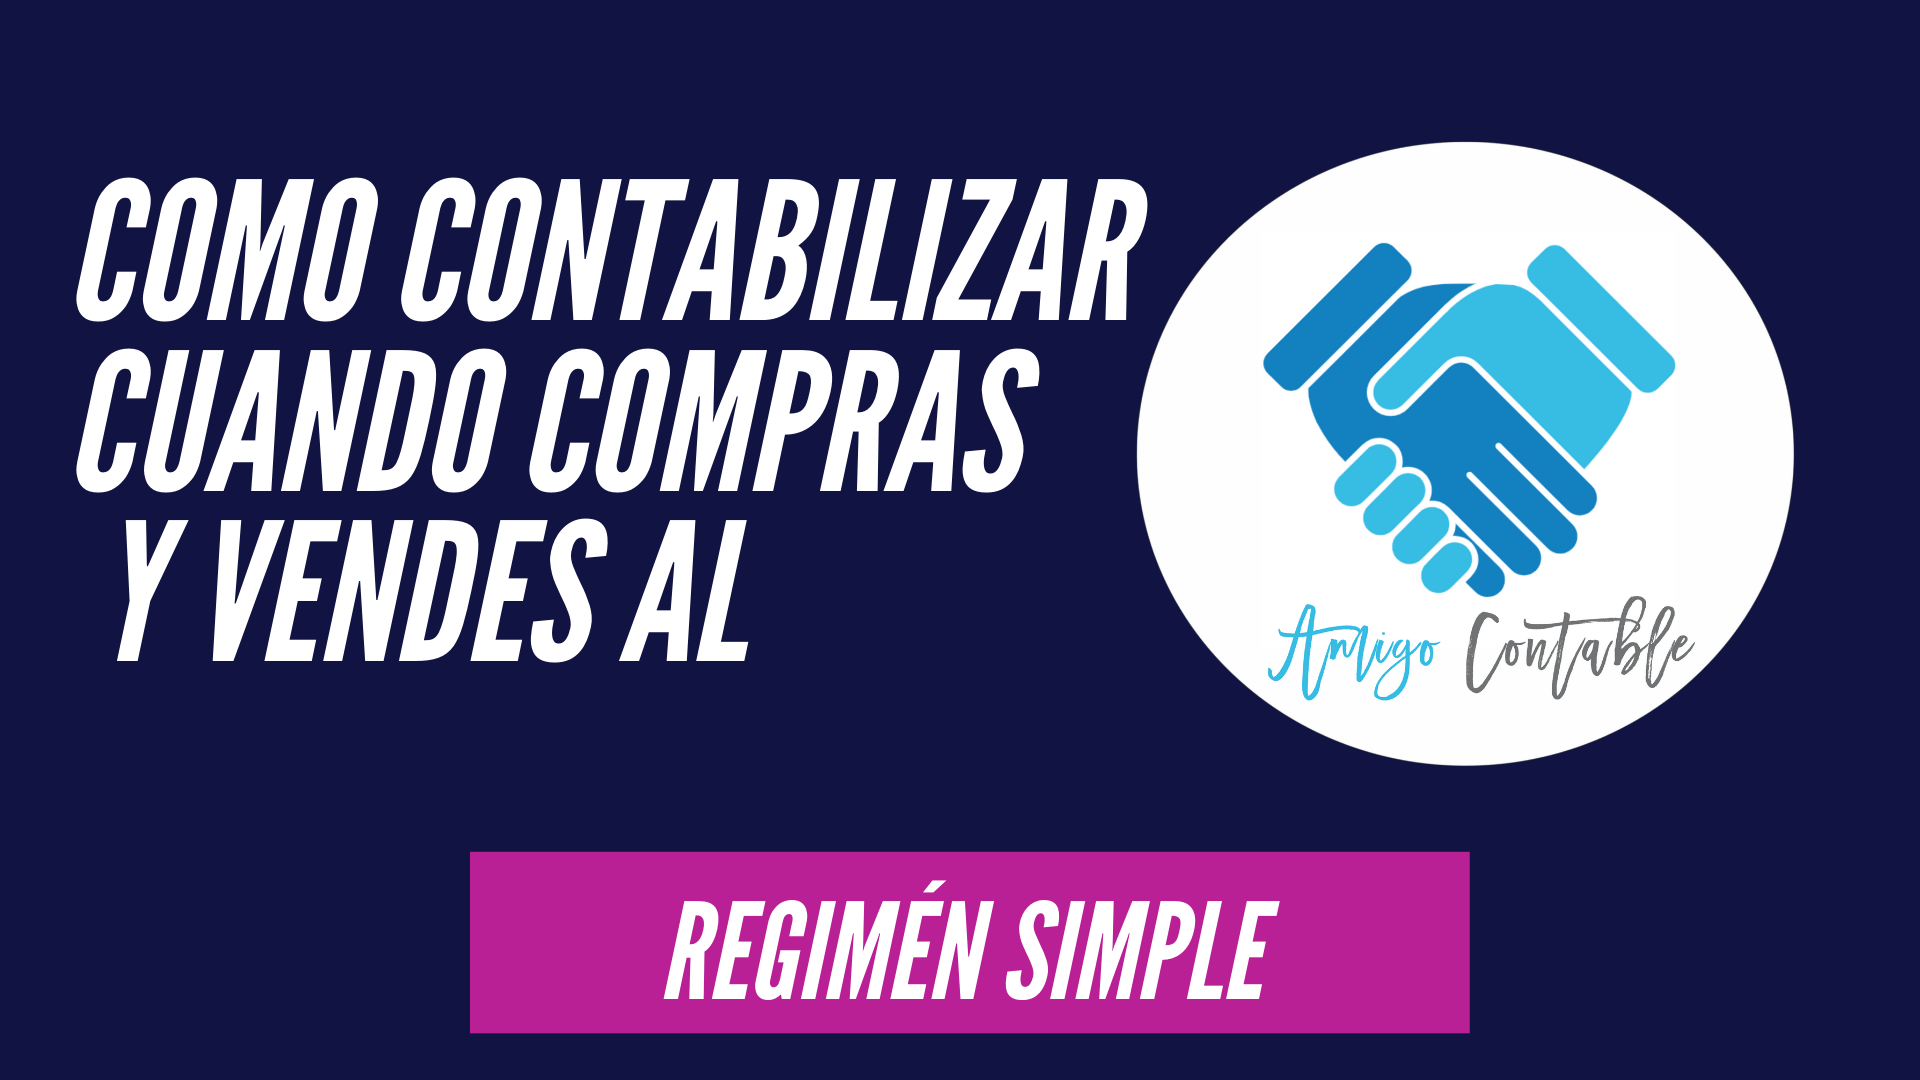 Cómo contabilizar compras y ventas al Régimen Simple